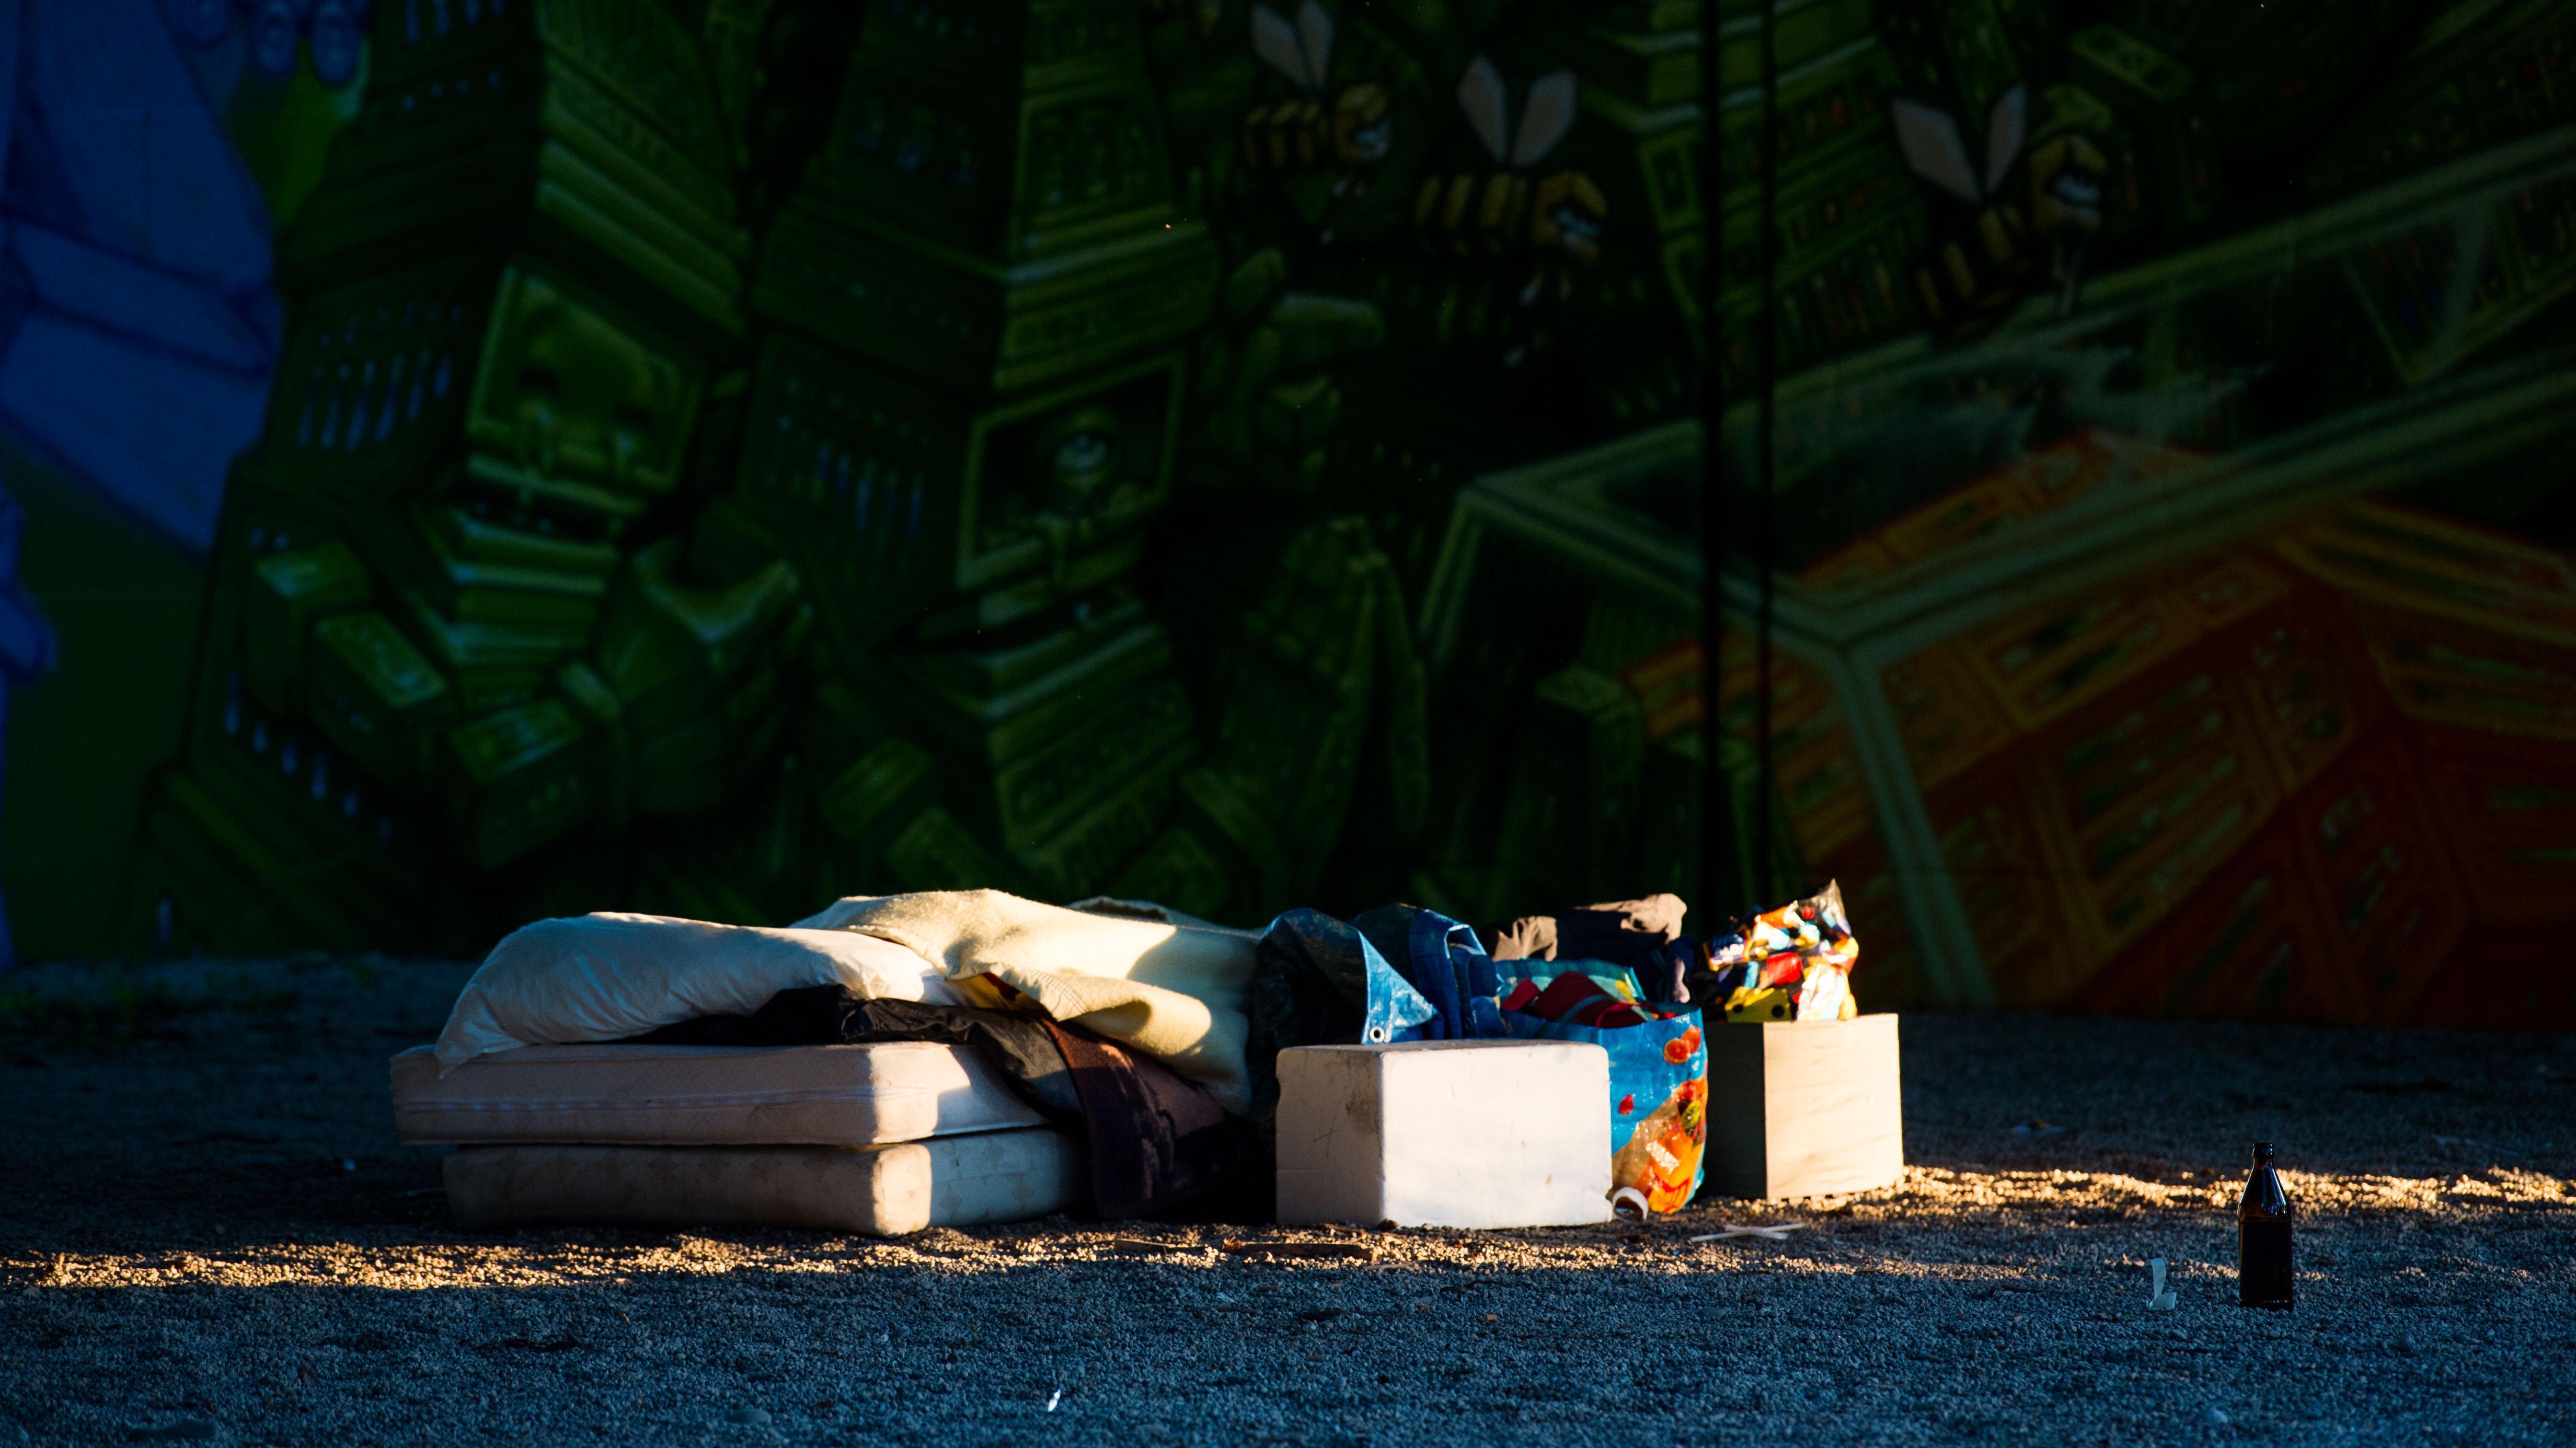 Ein Obdachlosenlager in München